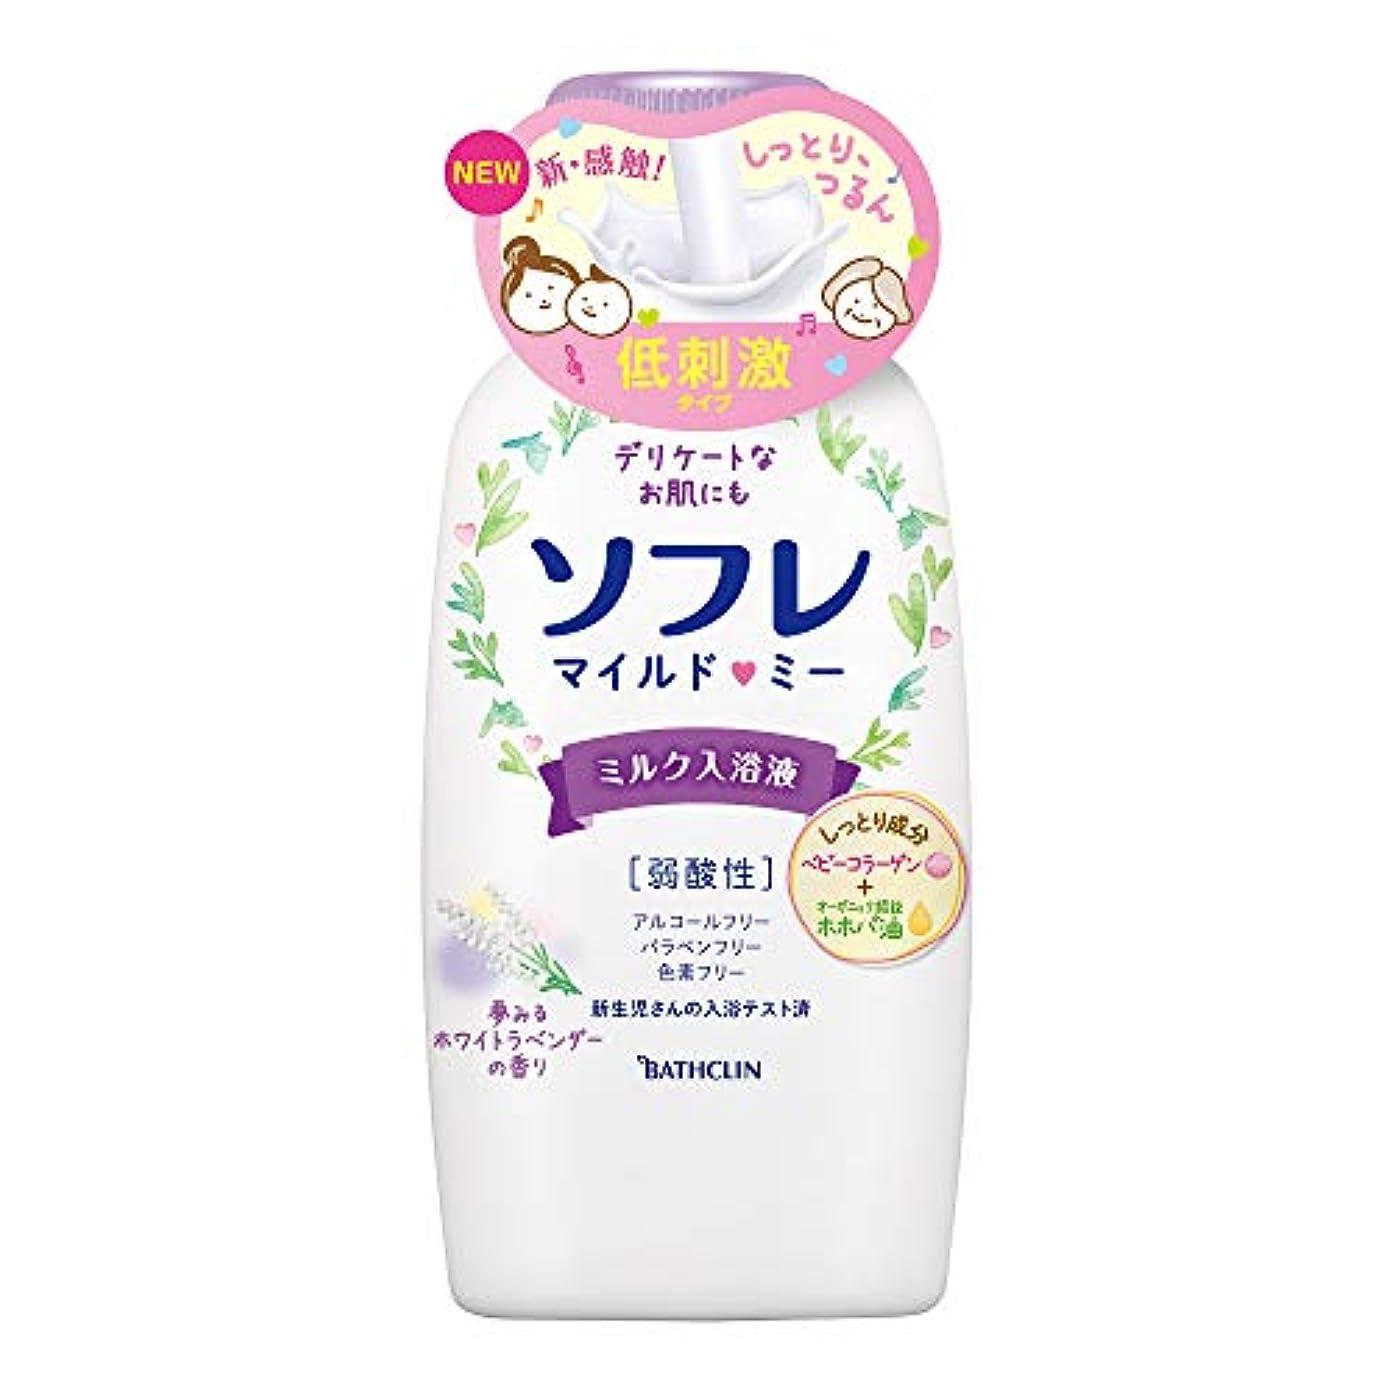 行商同僚むしゃむしゃバスクリン ソフレ入浴液 マイルド?ミー ミルク 夢みるホワイトラベンダーの香り 本体720mL保湿 成分配合 赤ちゃんと一緒に使えます。